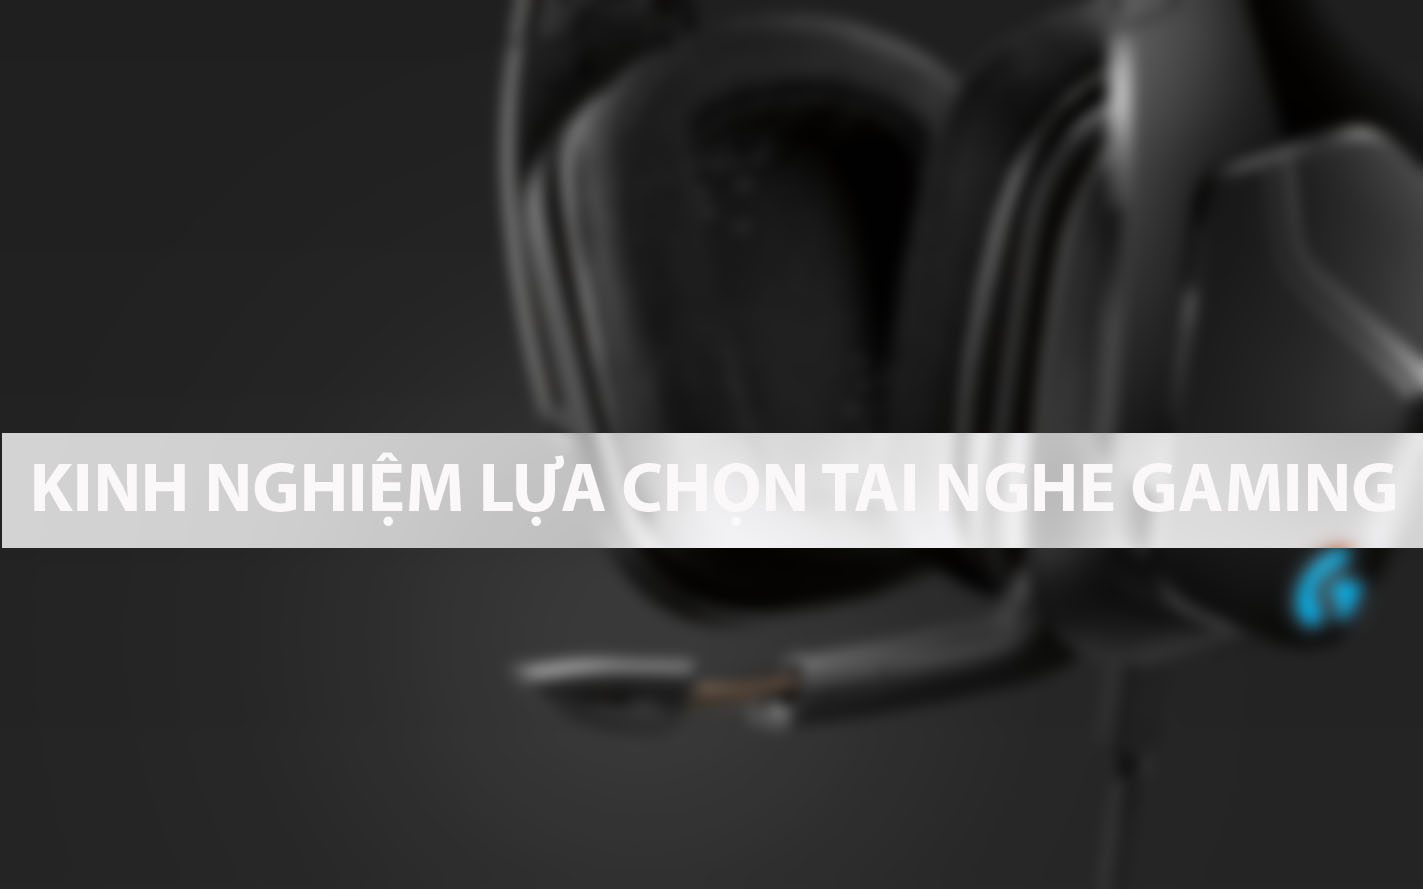 [THỦ THUẬT] - KINH NGHIỆM LỰA CHỌN TAI NGHE GAMING